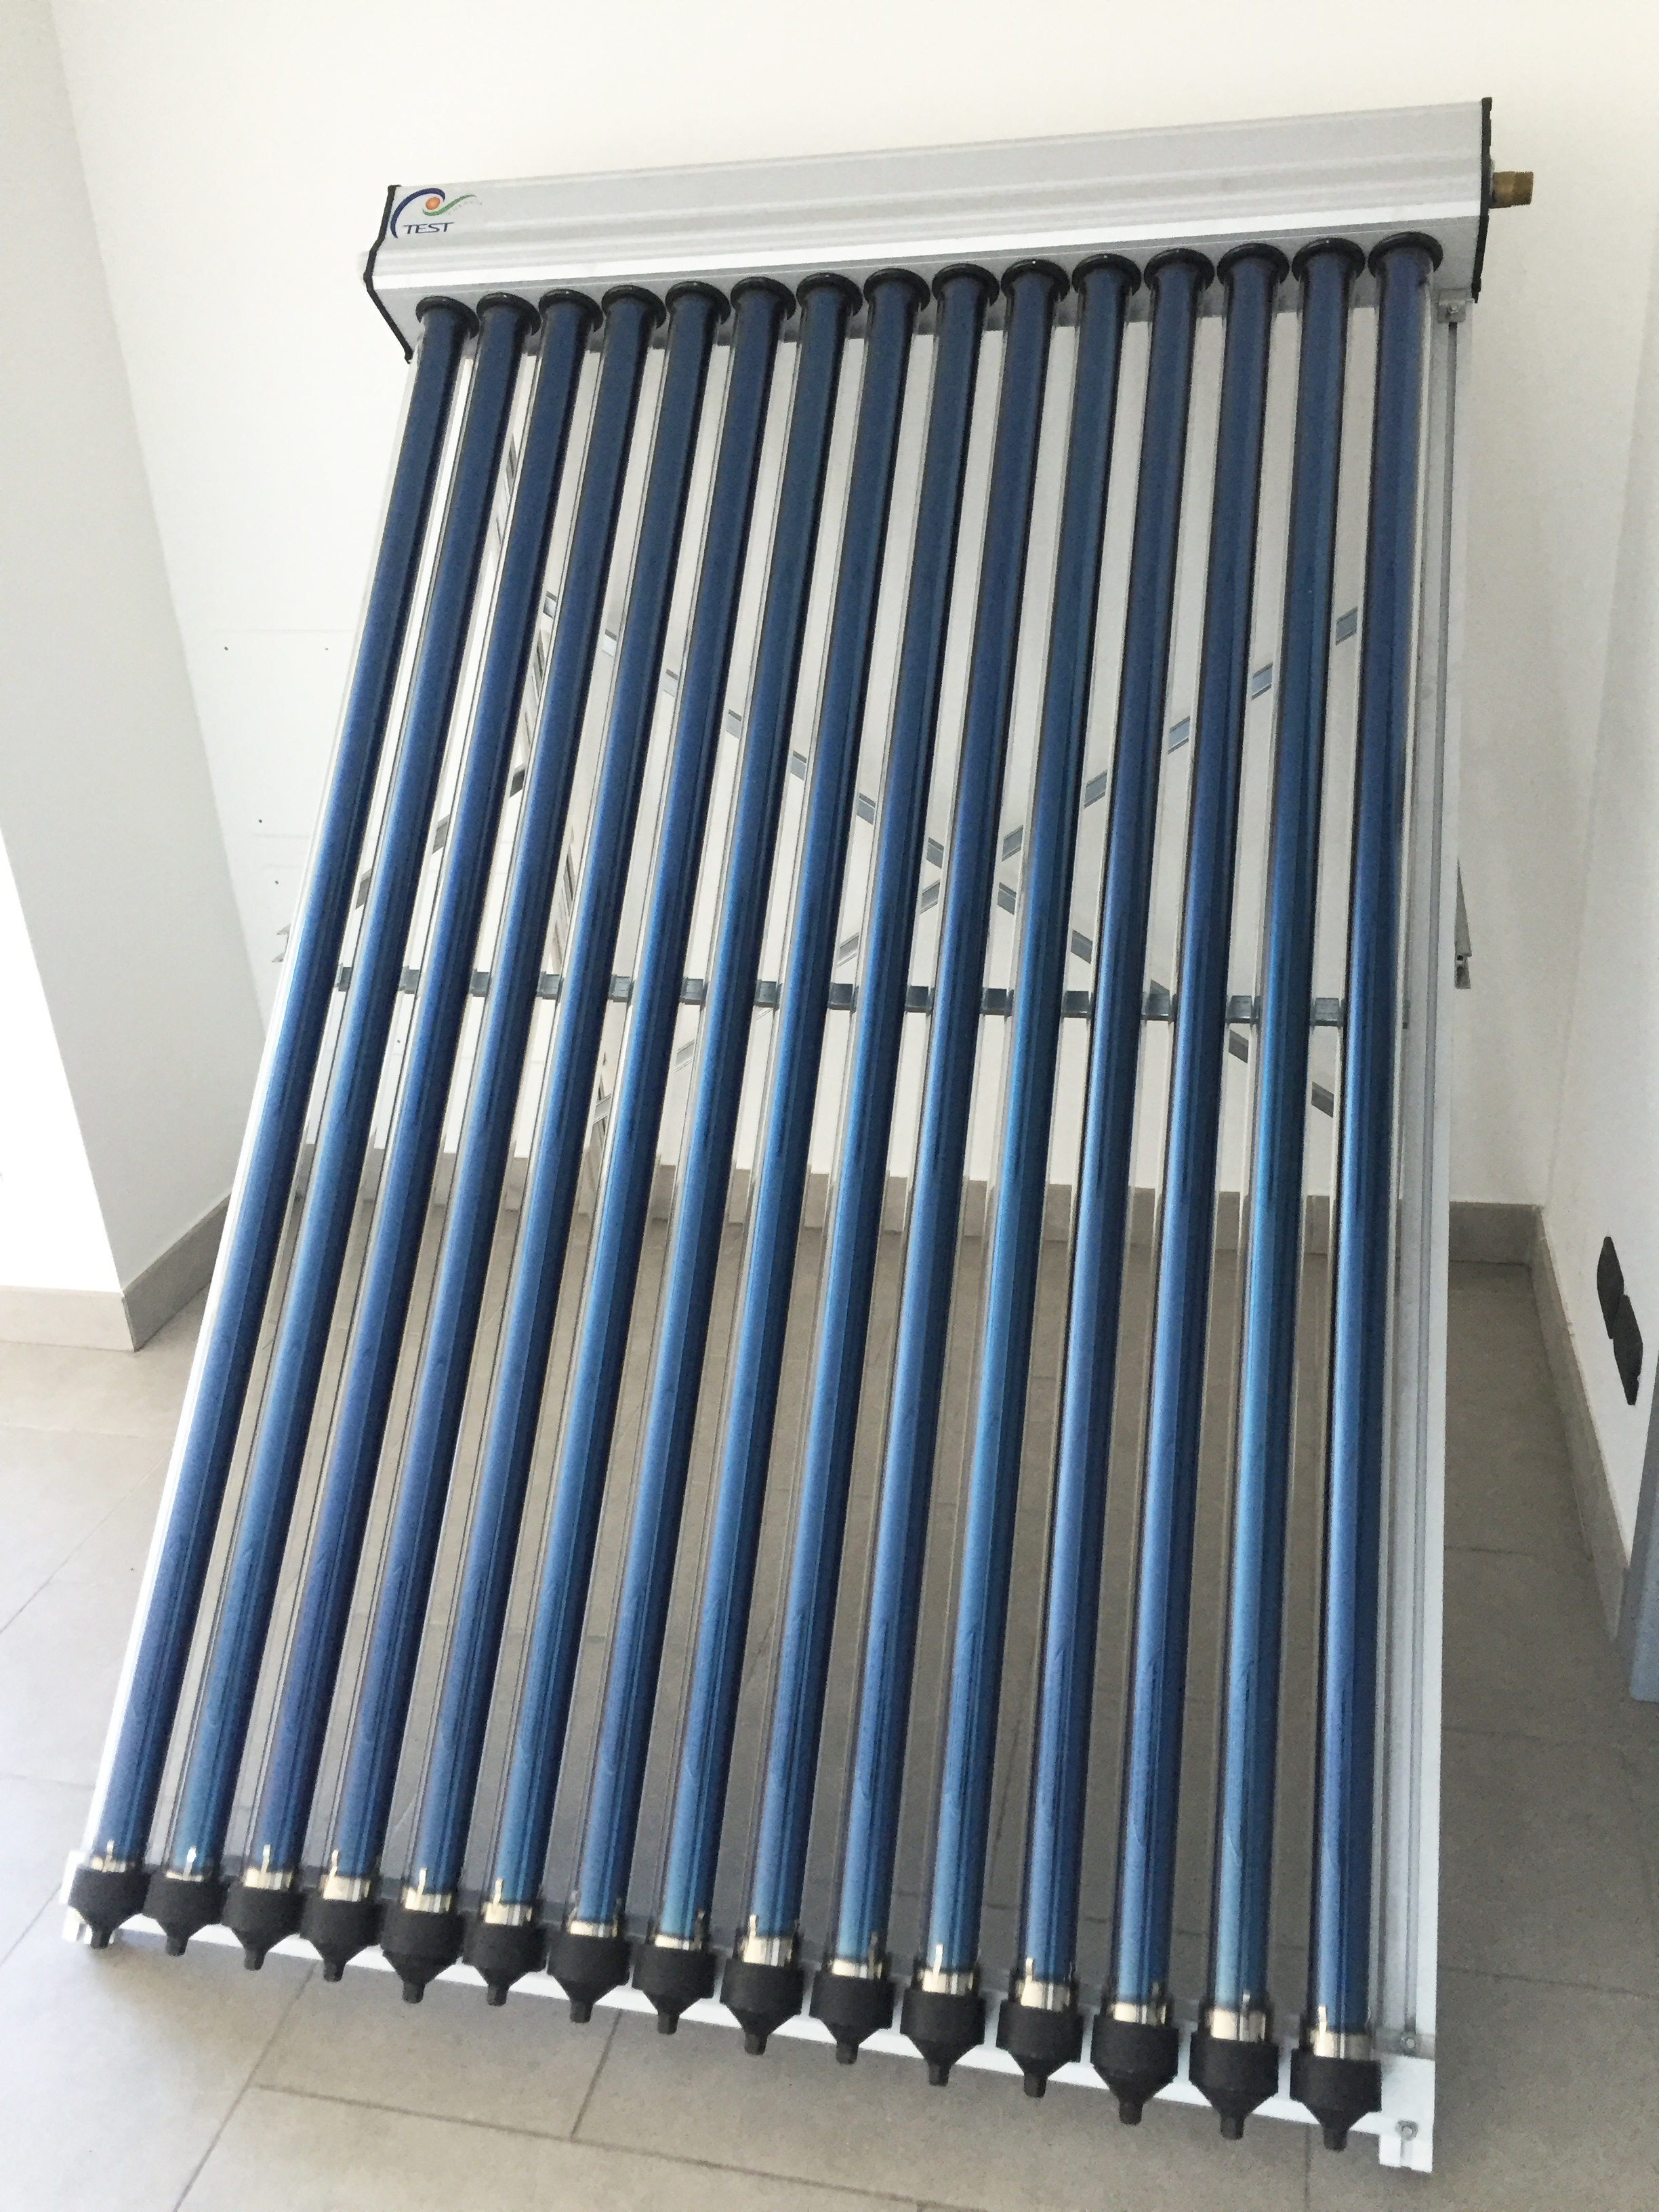 Pannello Solare Termico Tetto : Pannello solare termico heat pipe test cf r